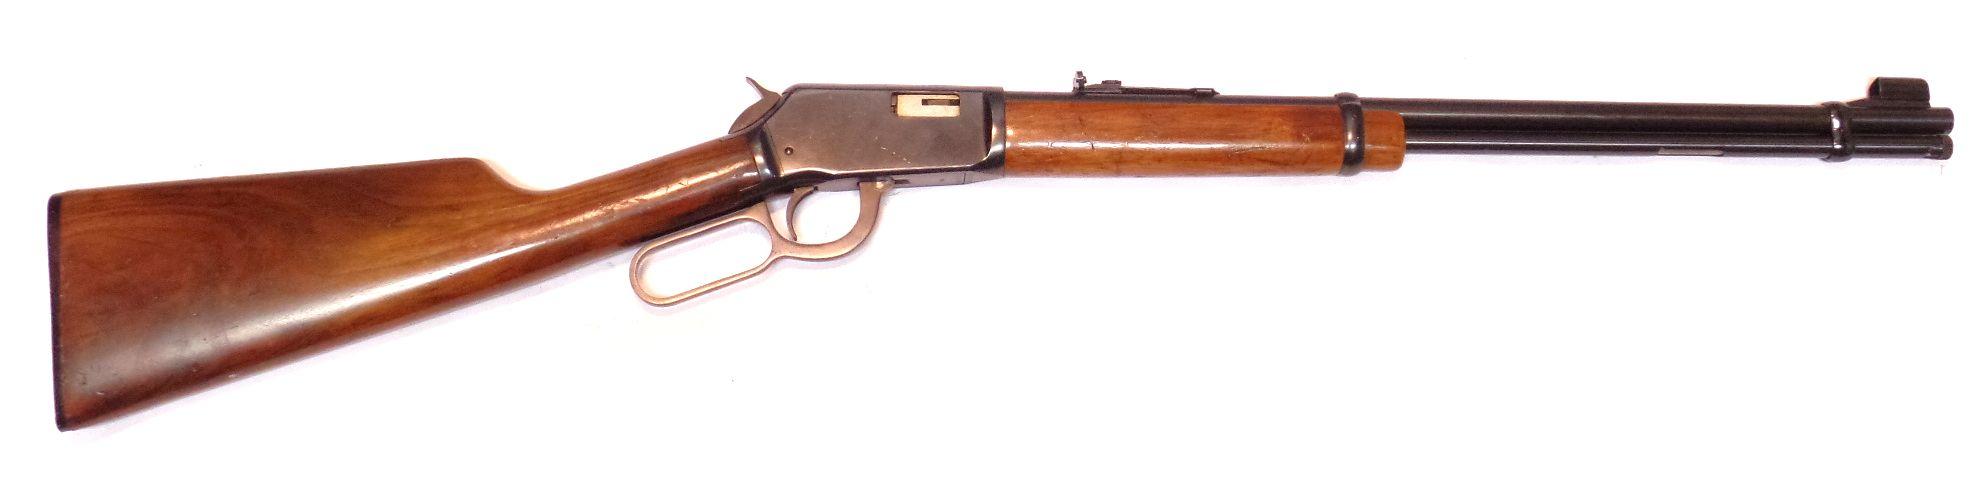 WINCHESTER Modèle 9422 M XTR calibre 22Magnum